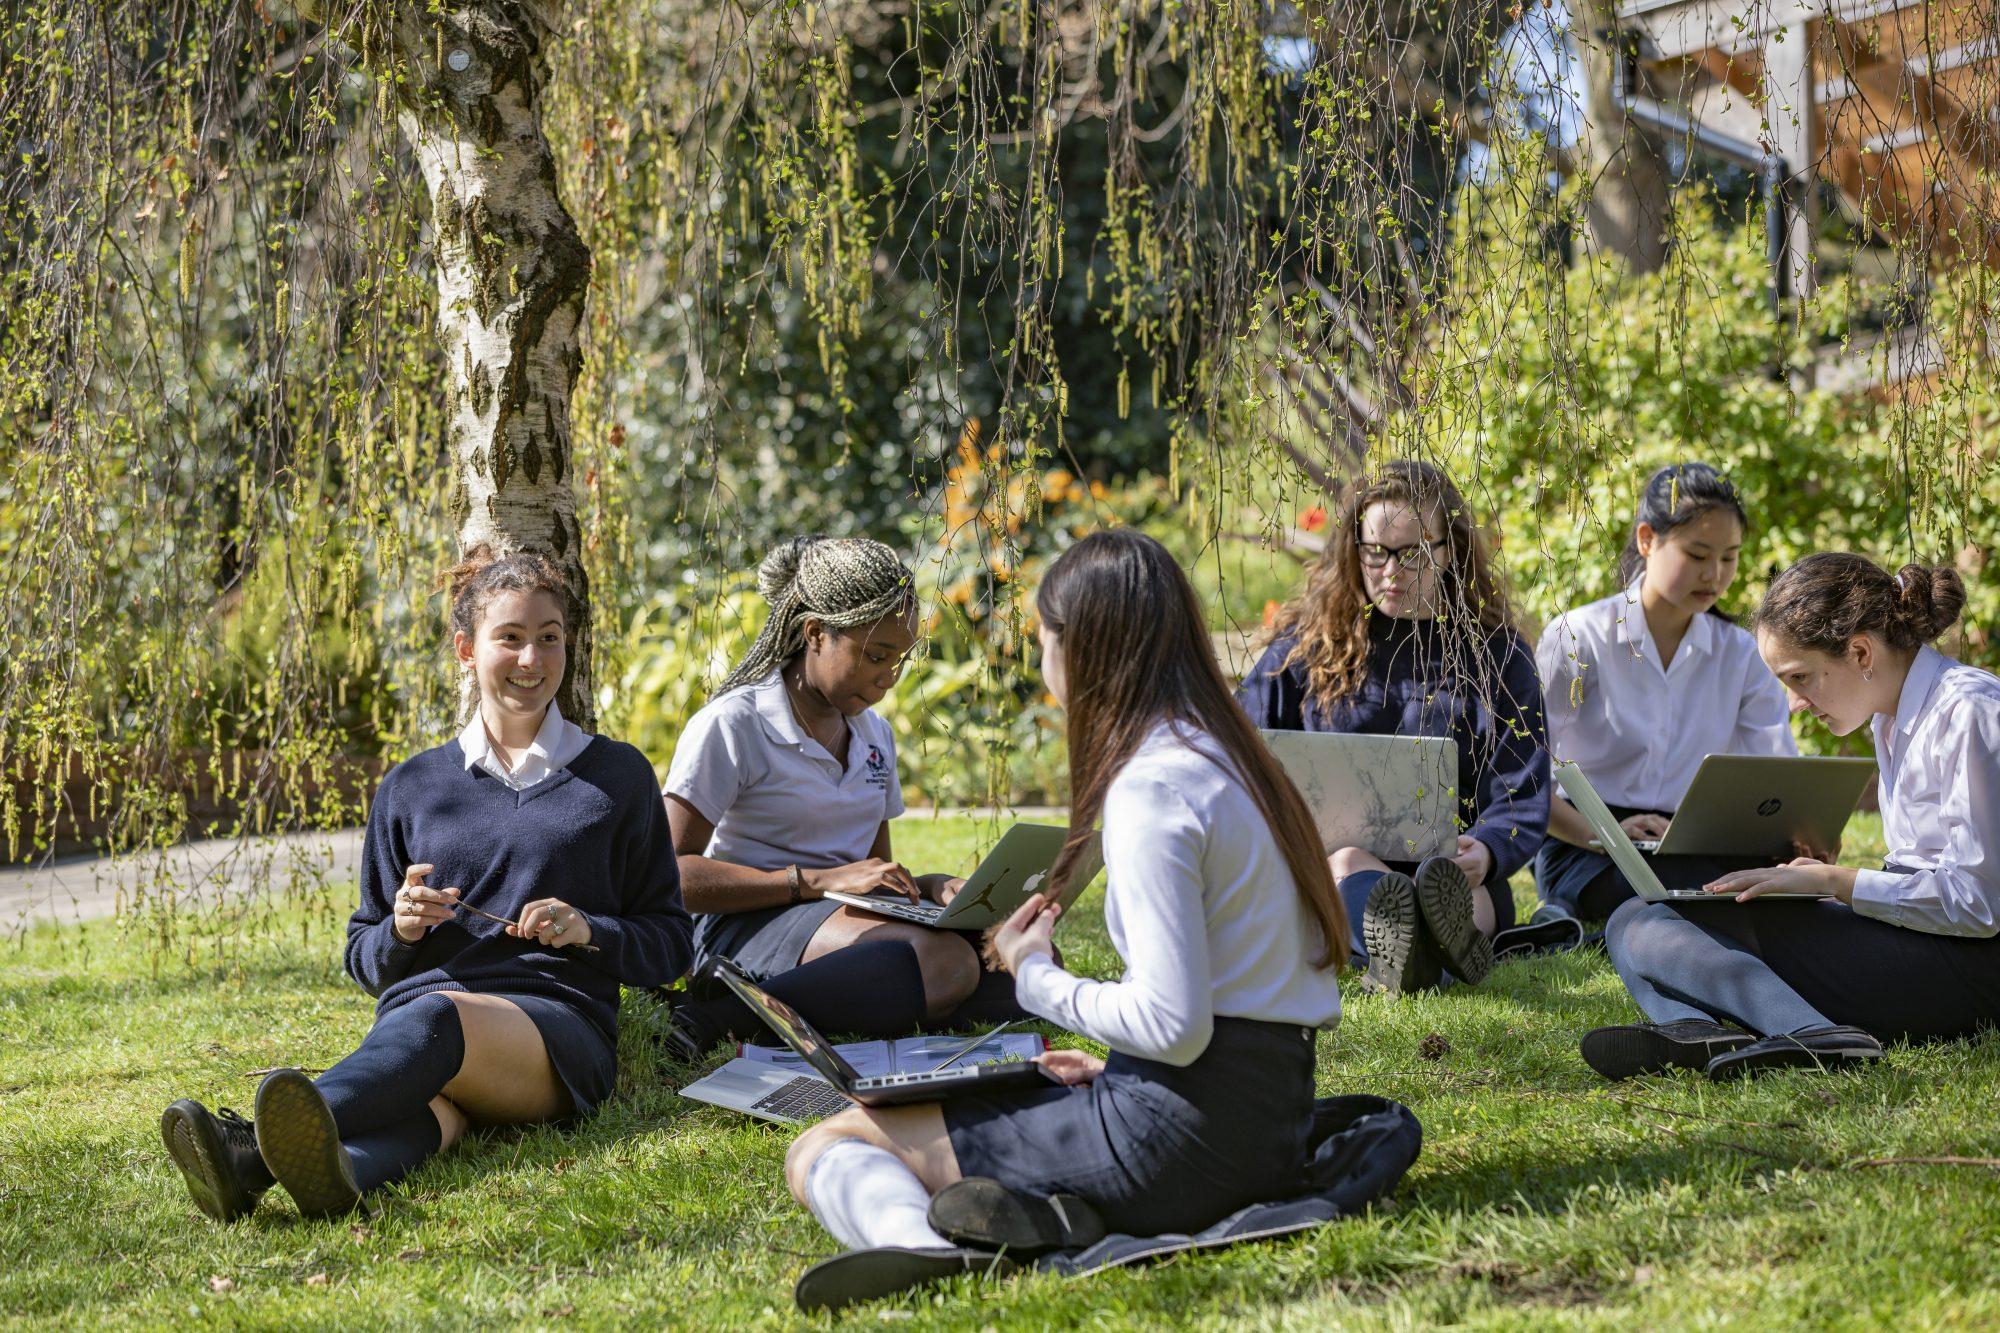 U4a8638 | Marymount International School London